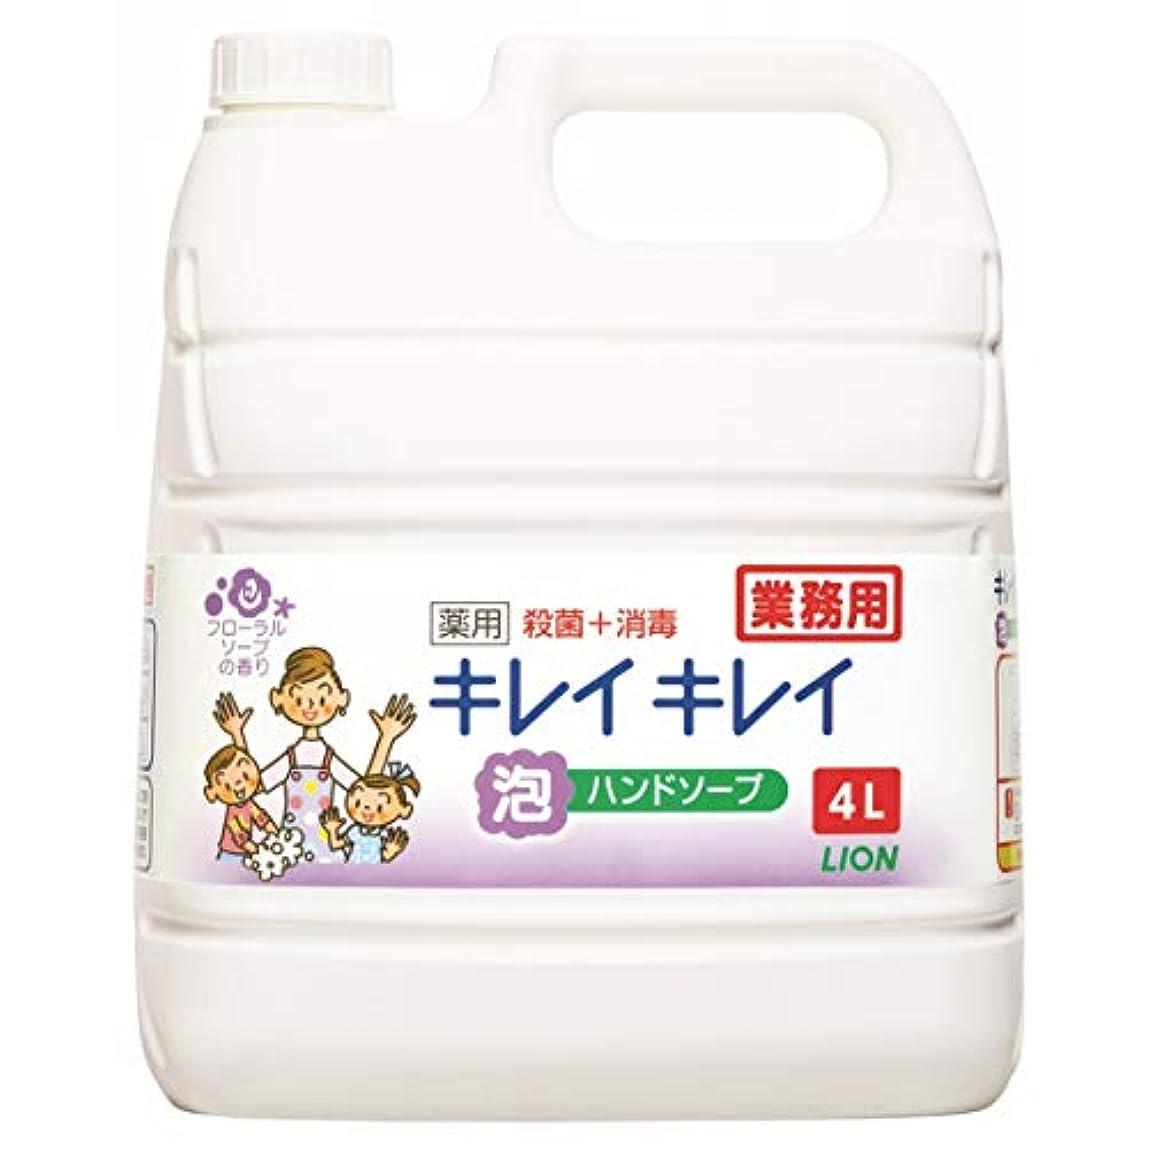 液化するジャムスクレーパー【業務用 大容量】キレイキレイ 薬用 泡ハンドソープフローラルソープの香り 4L(医薬部外品)